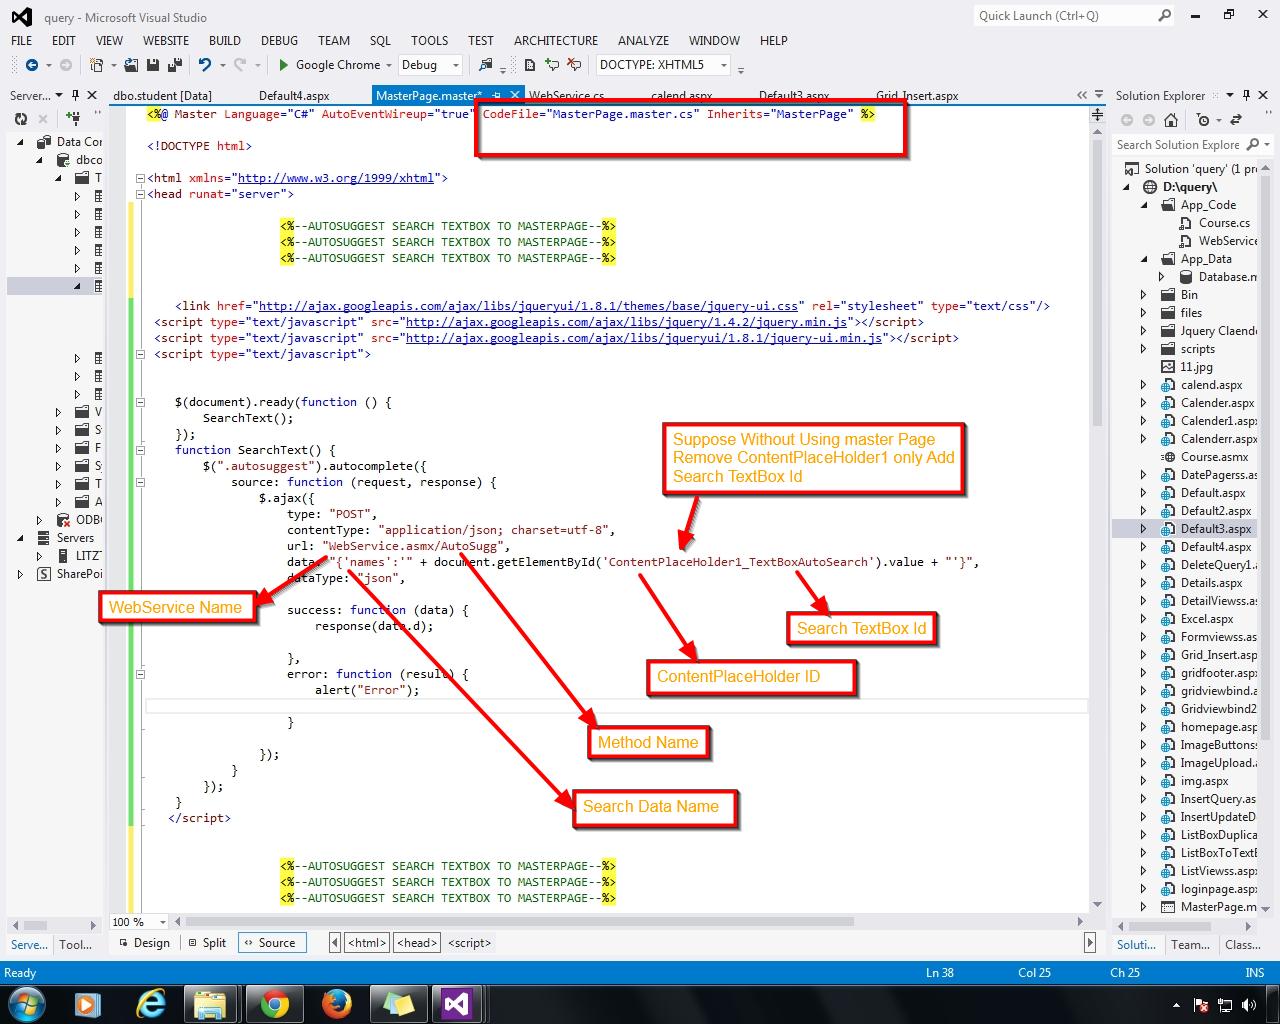 webservice scenario in wmb v7 0